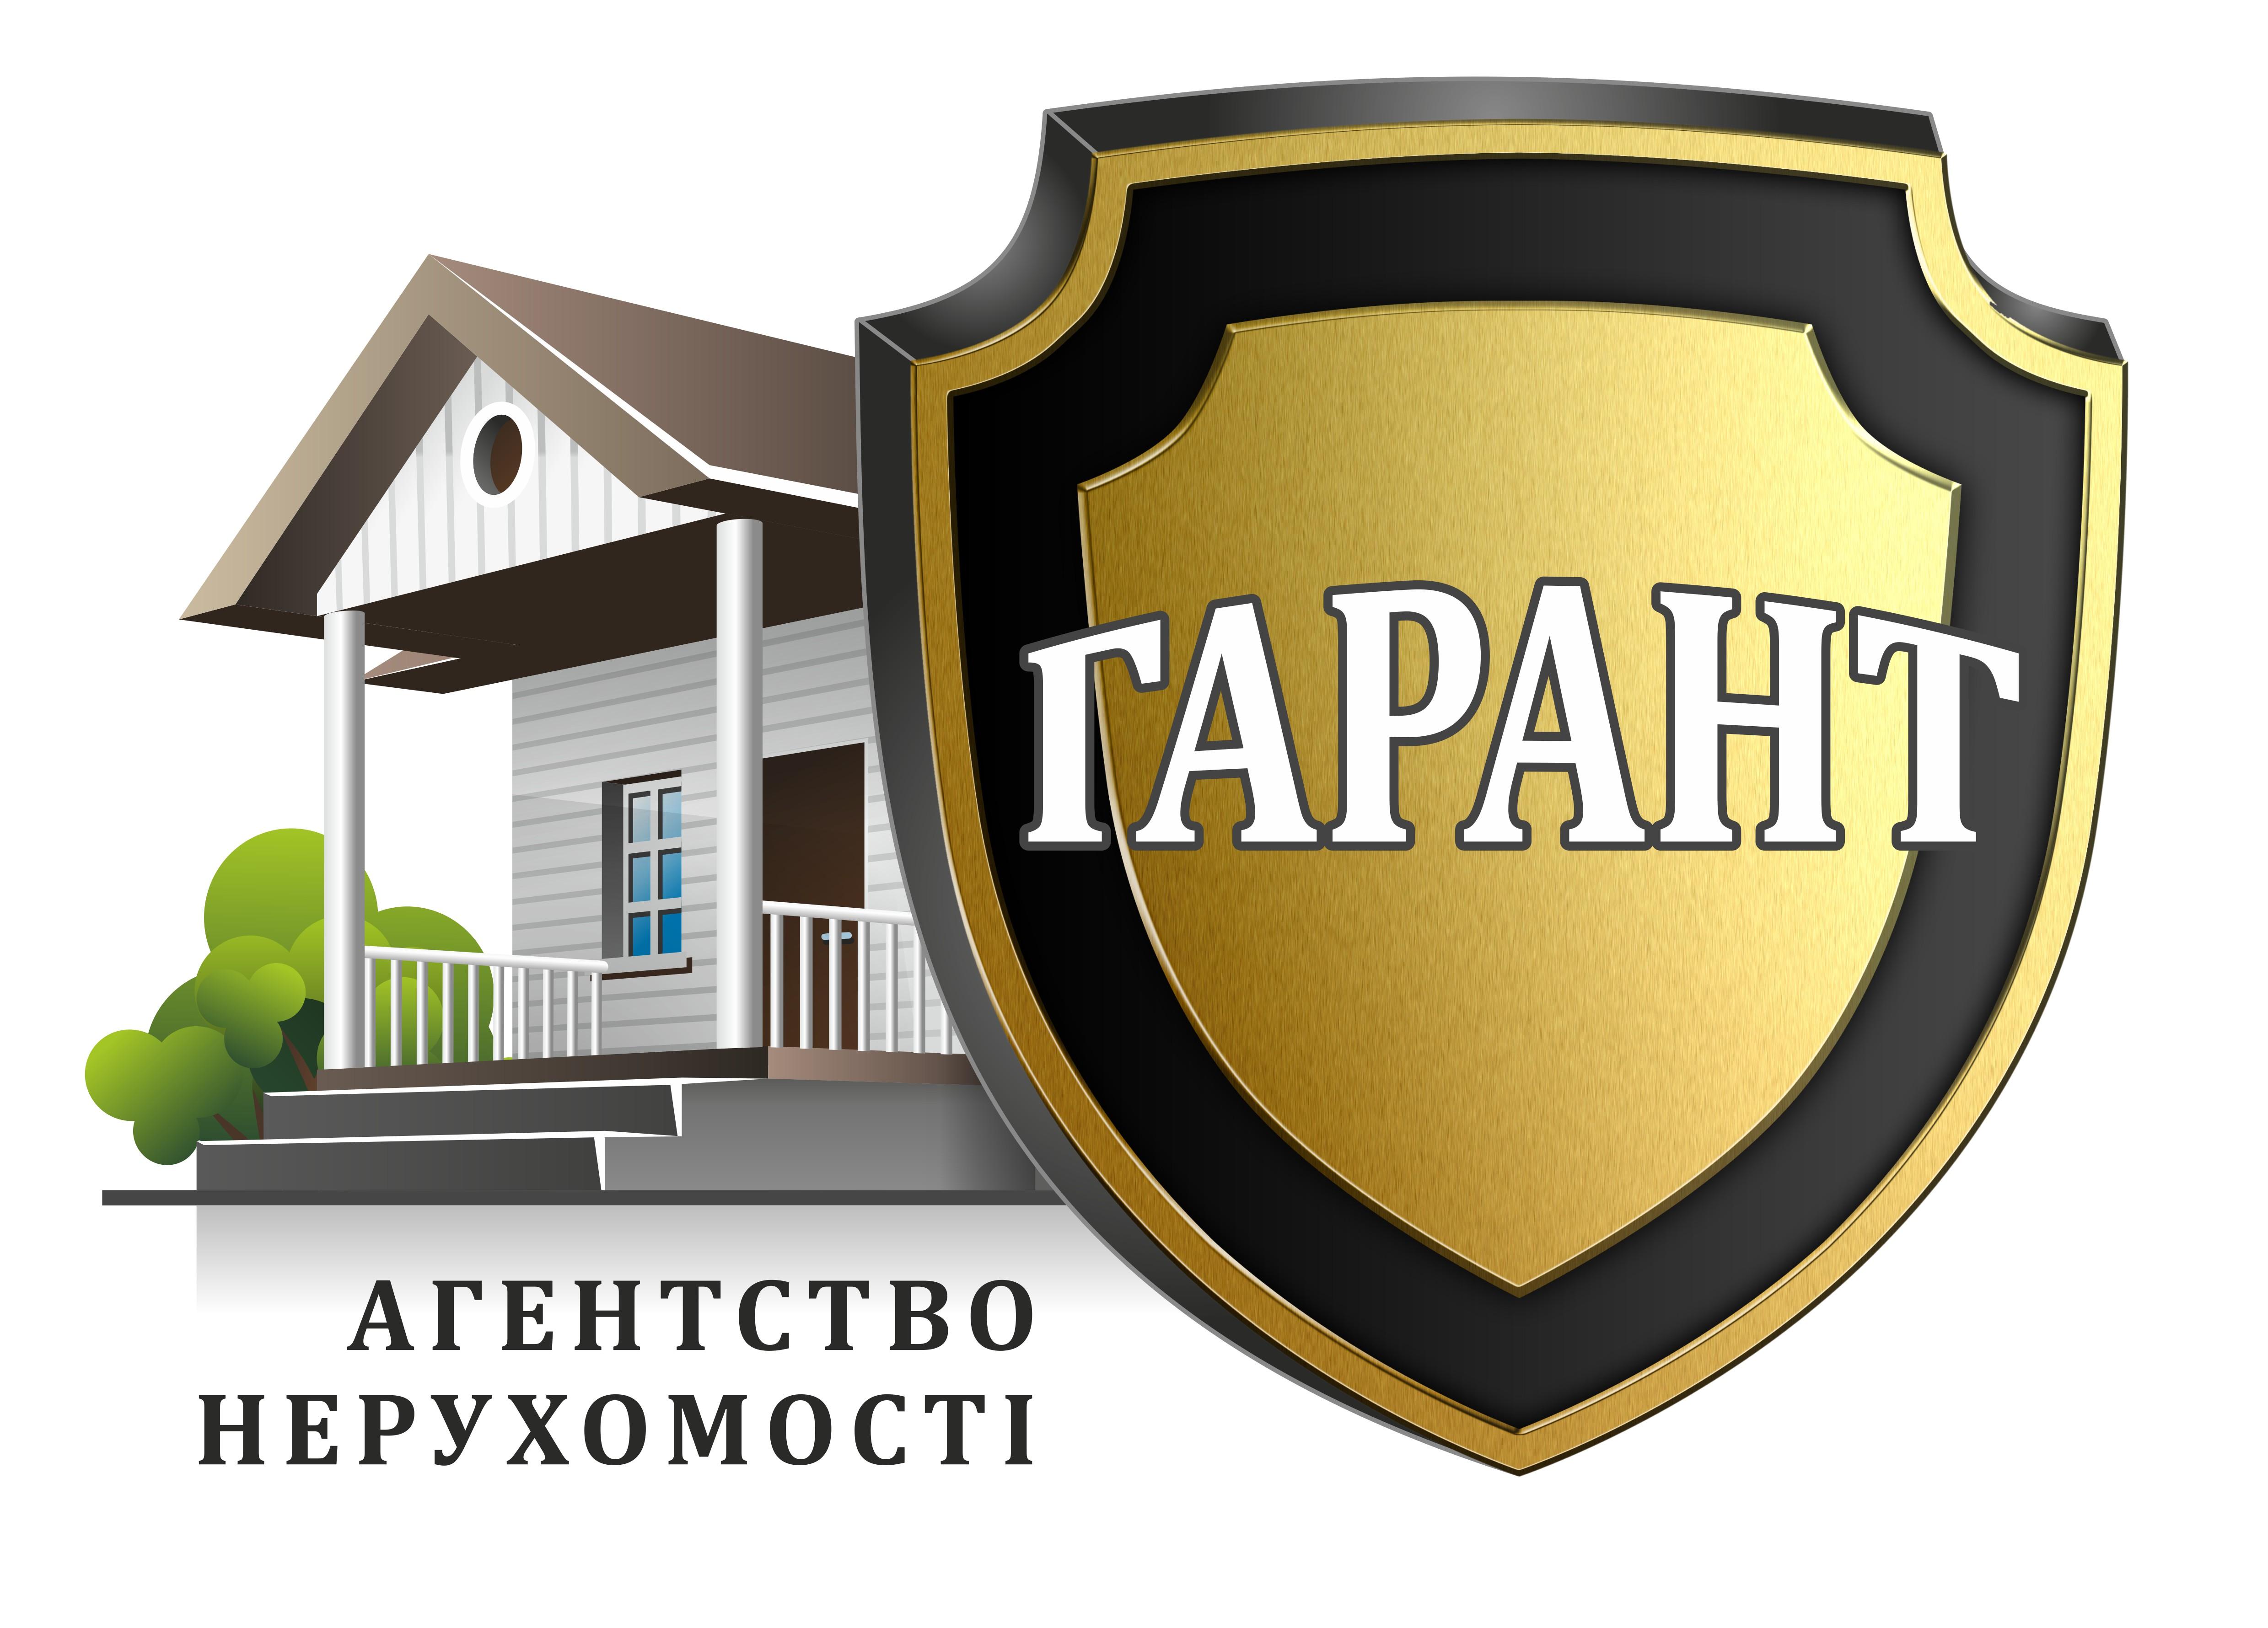 Фриланс агентство недвижимости закон о фрилансерах россия 2017